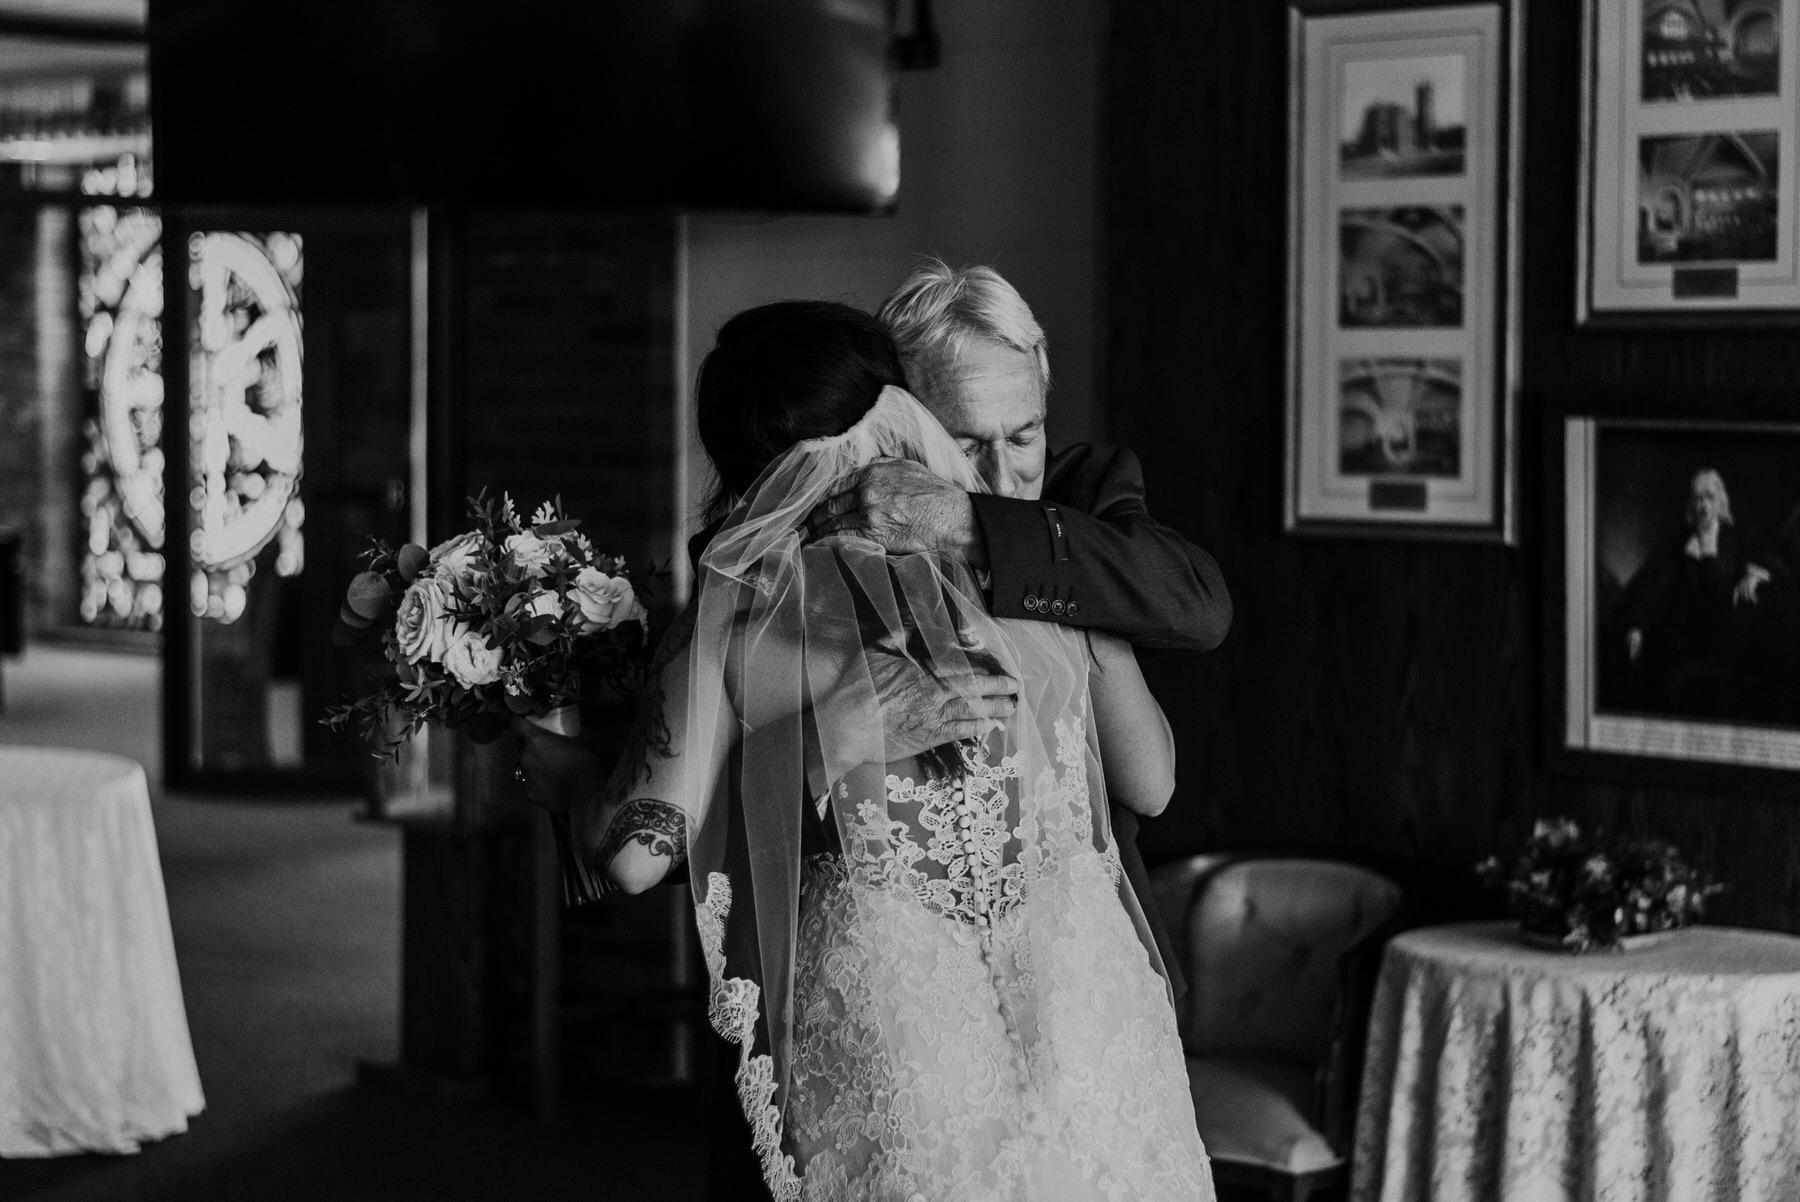 Kaylie-Sirek-Photography-Kearney-Nebraska-Wedding-036.jpg